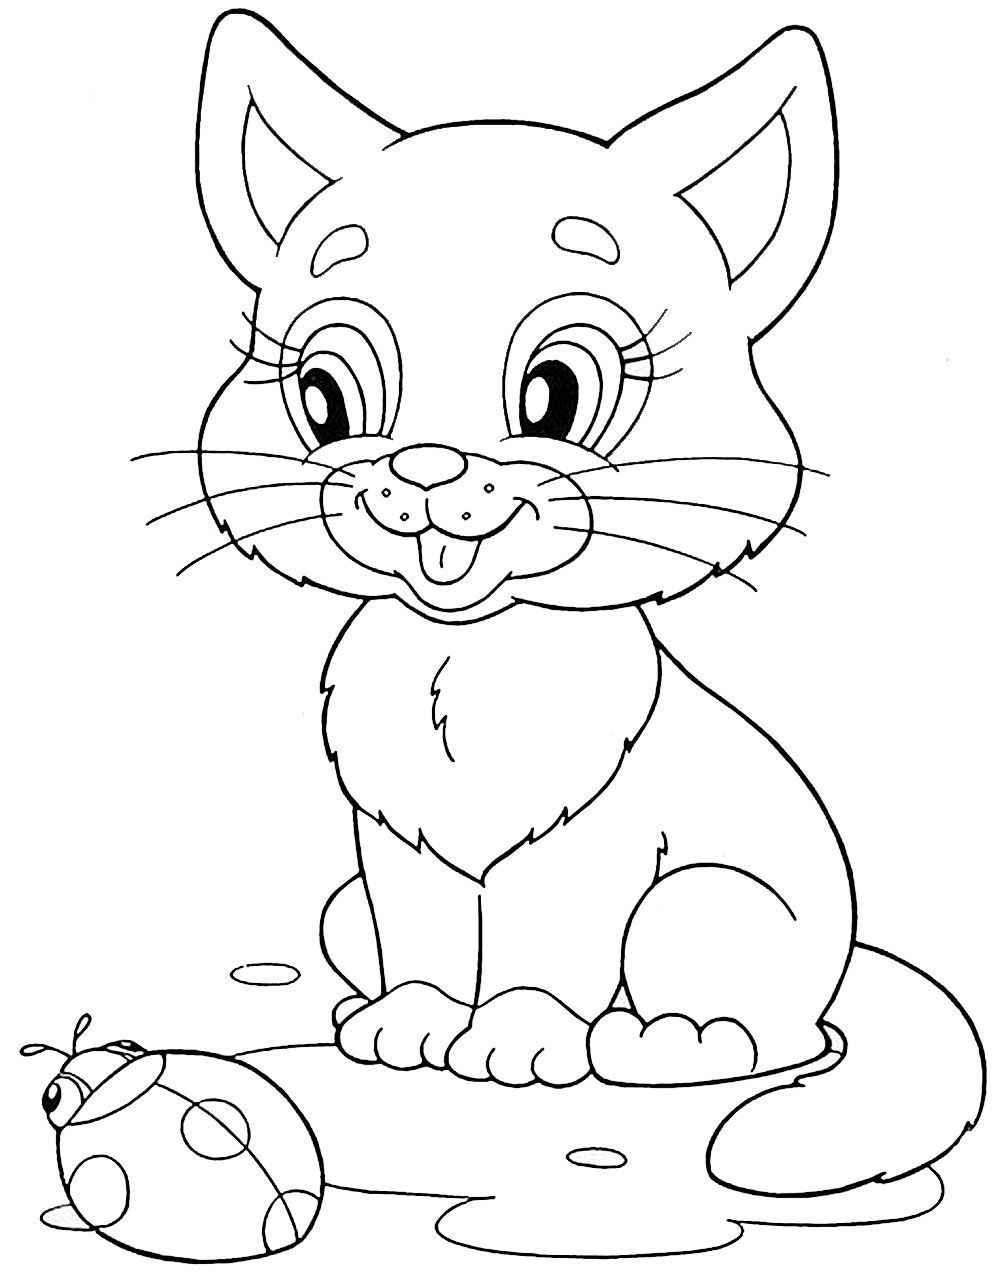 Котенок с божьей коровкой | Раскраски, Рисунки животных ...